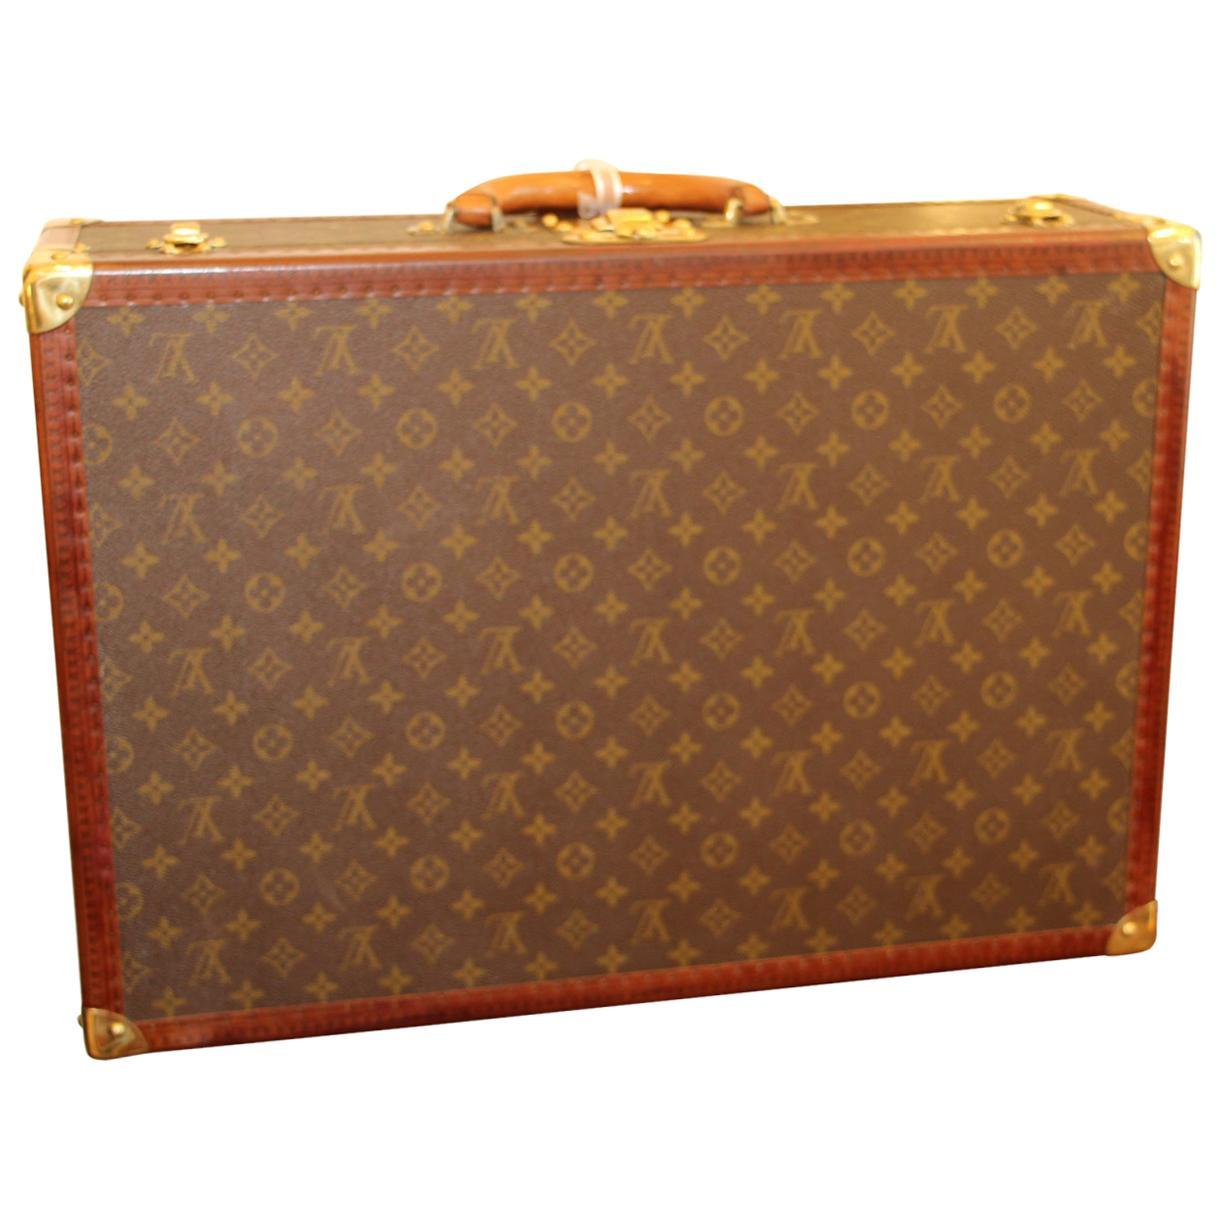 1980s Louis Vuitton Suitcase 60 cm,  Louis Vuitton Trunk